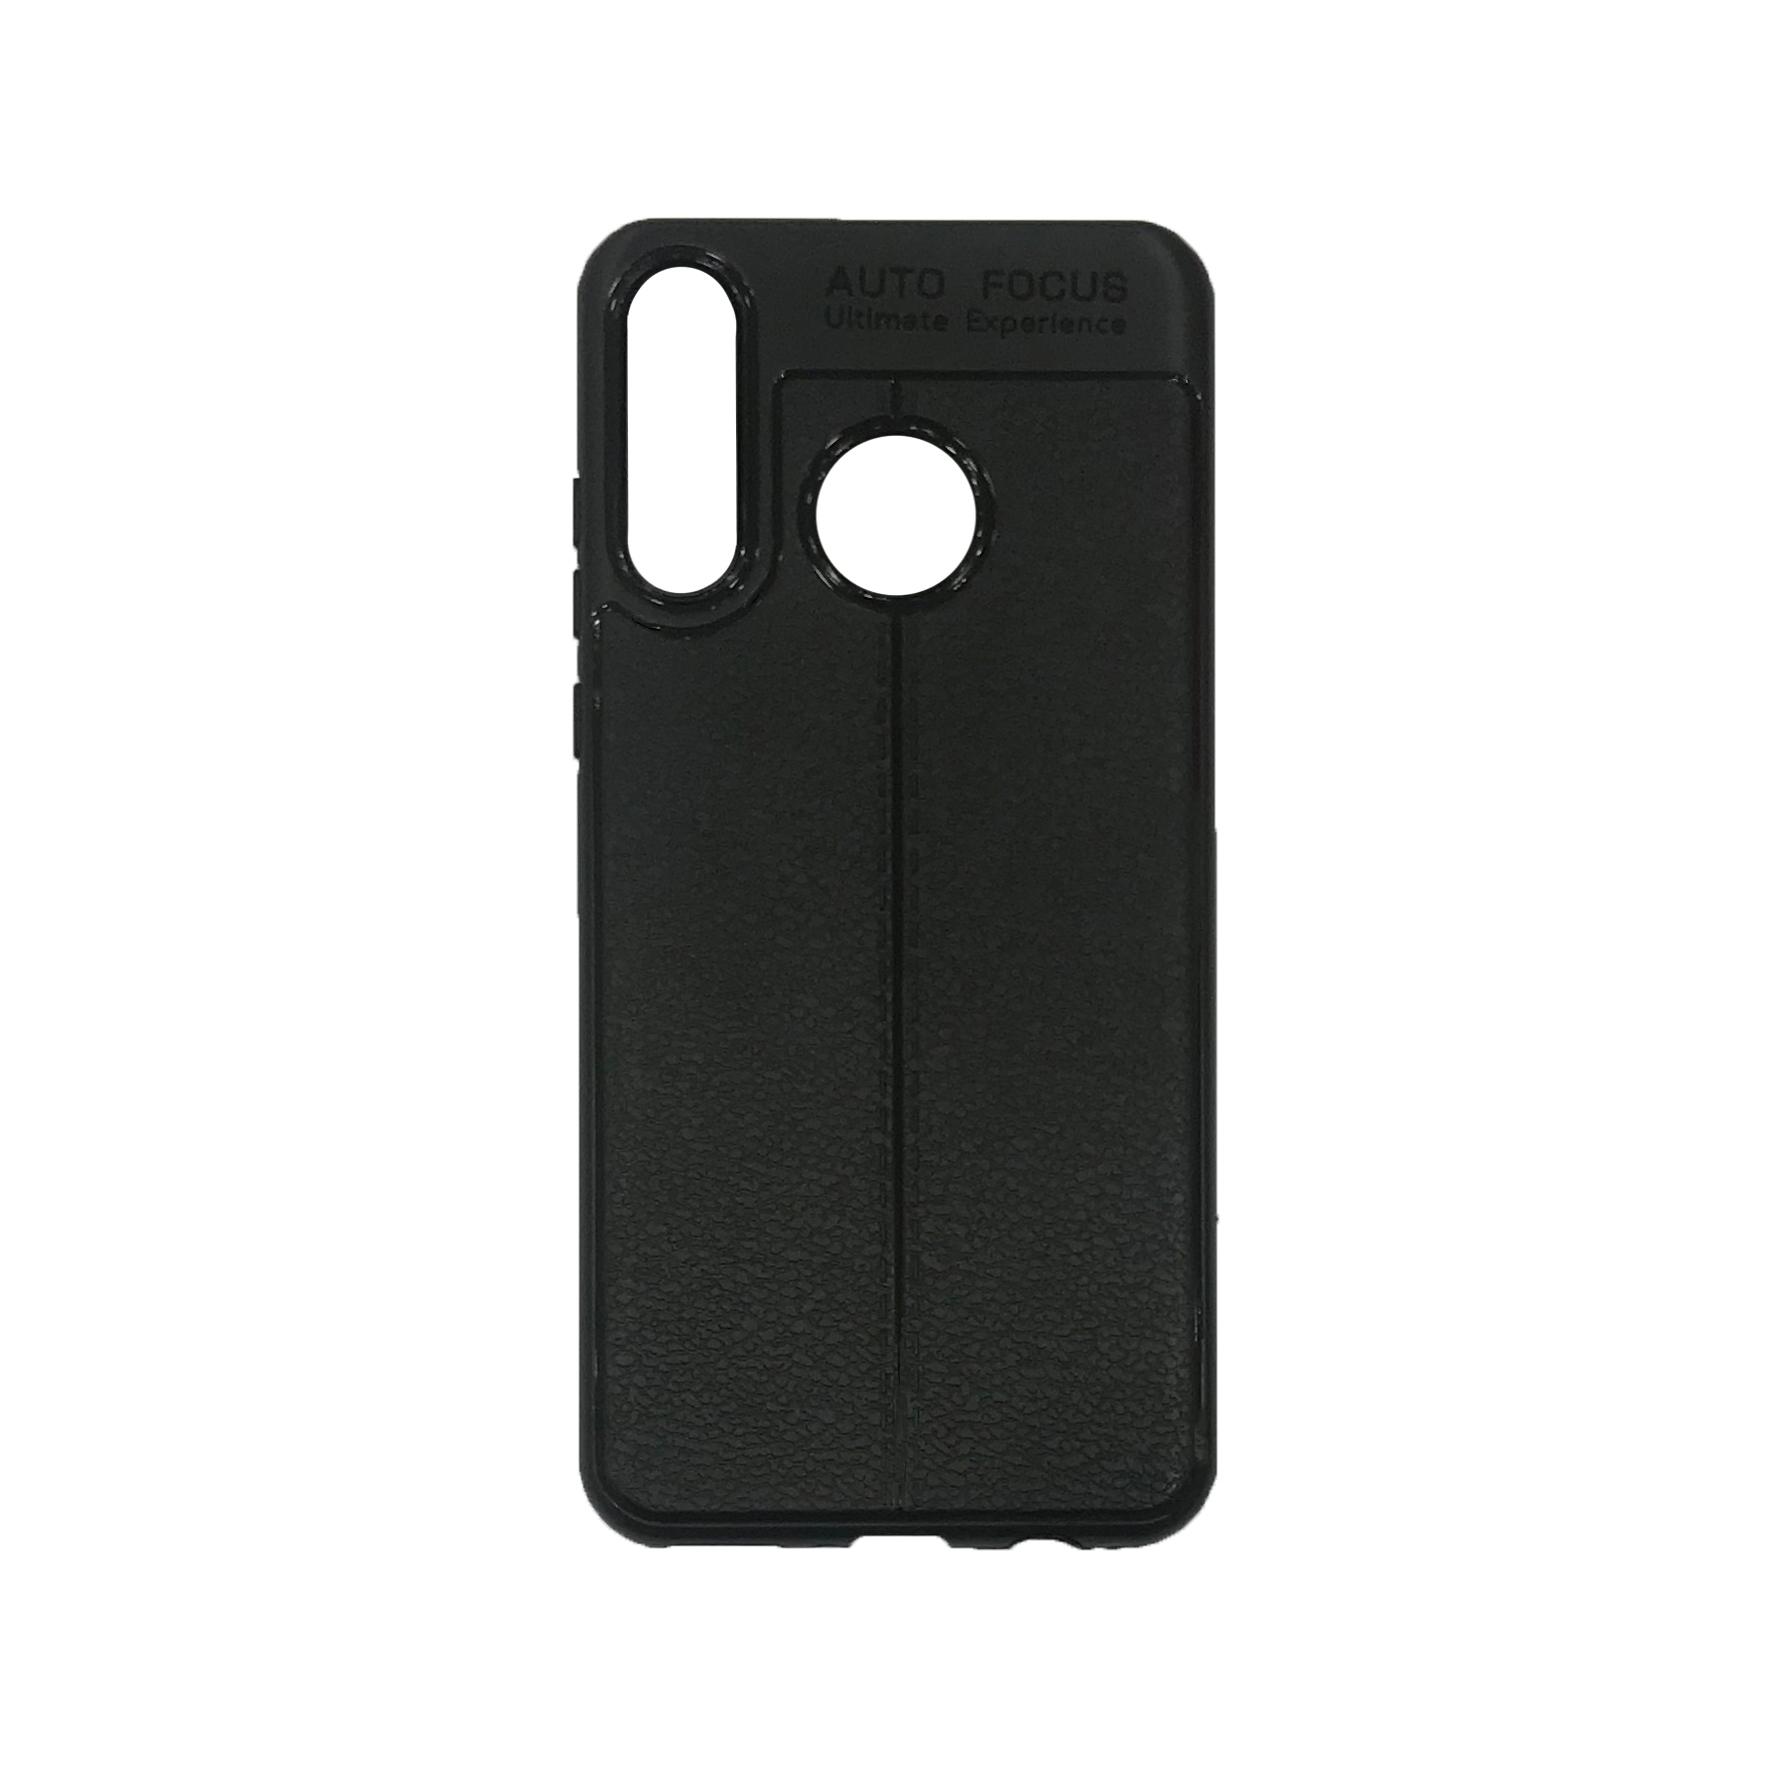 کاور مدل AF-01 مناسب برای گوشی موبایل هوآوی P30 Lite/Nova 4E              ( قیمت و خرید)